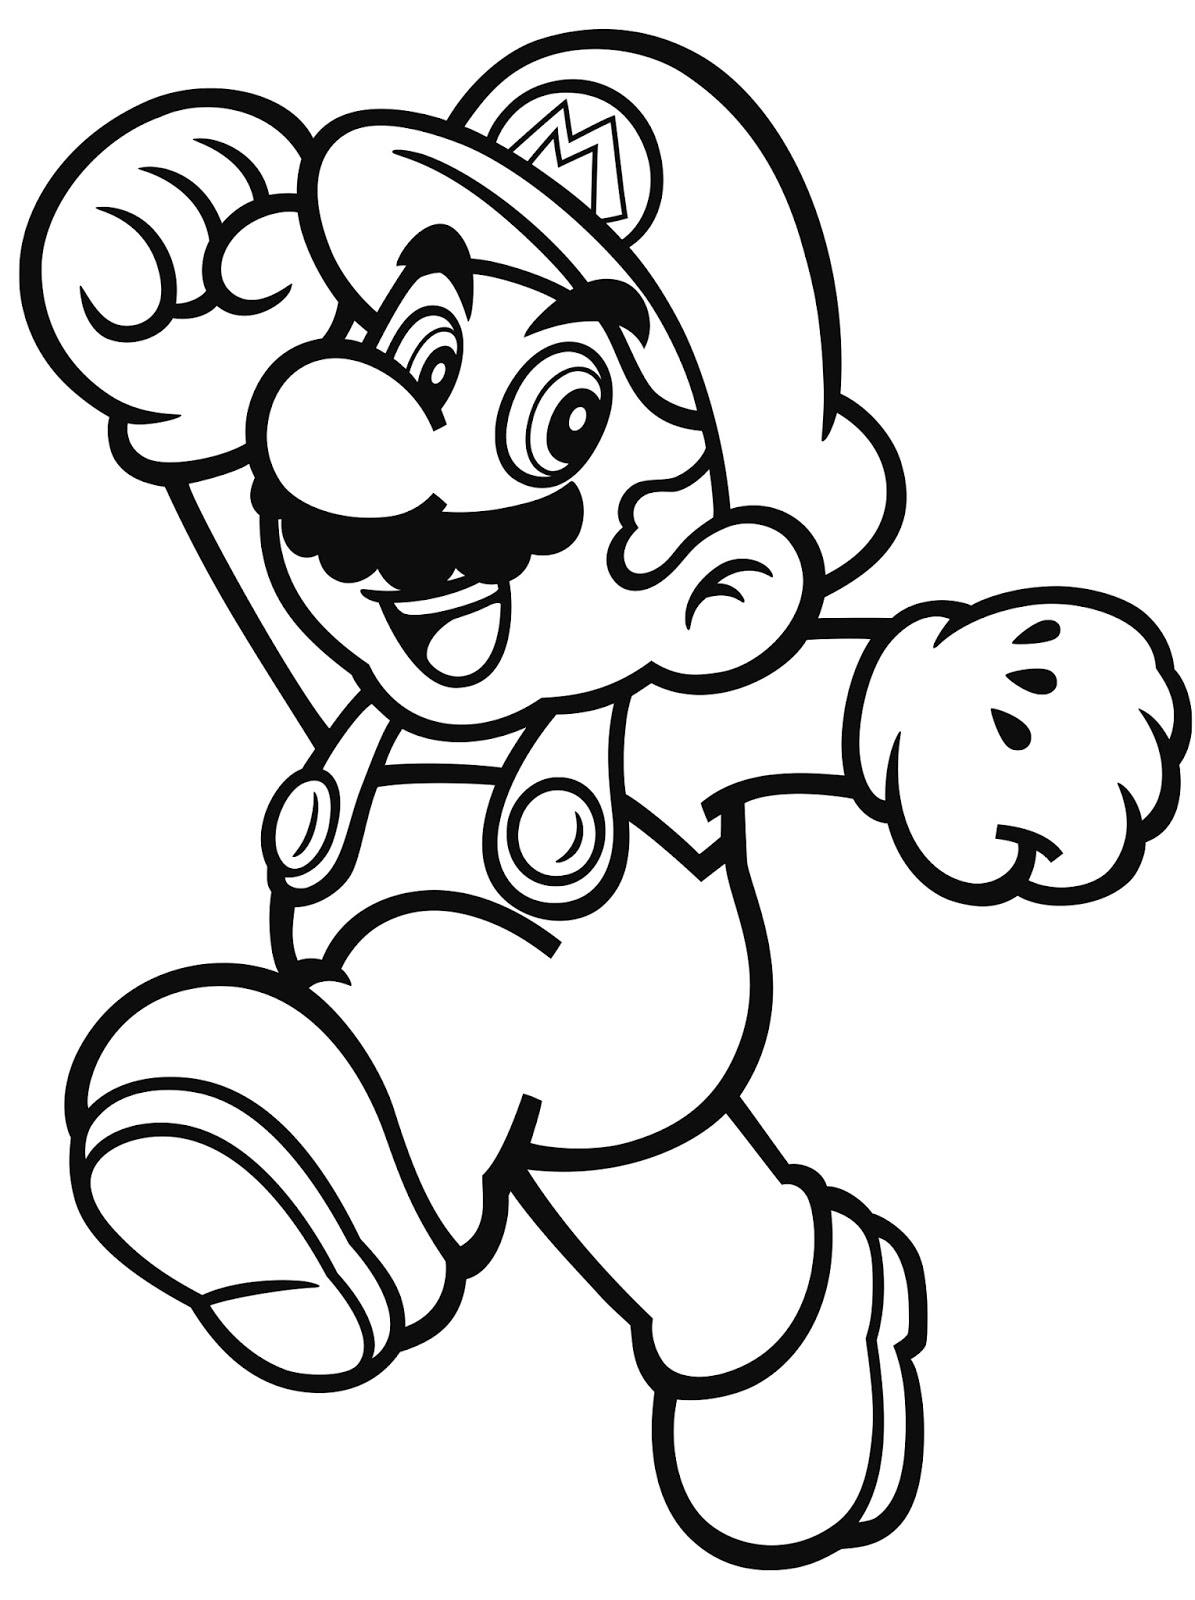 Nintendo disponibiliza personagens de Super Mario Bros